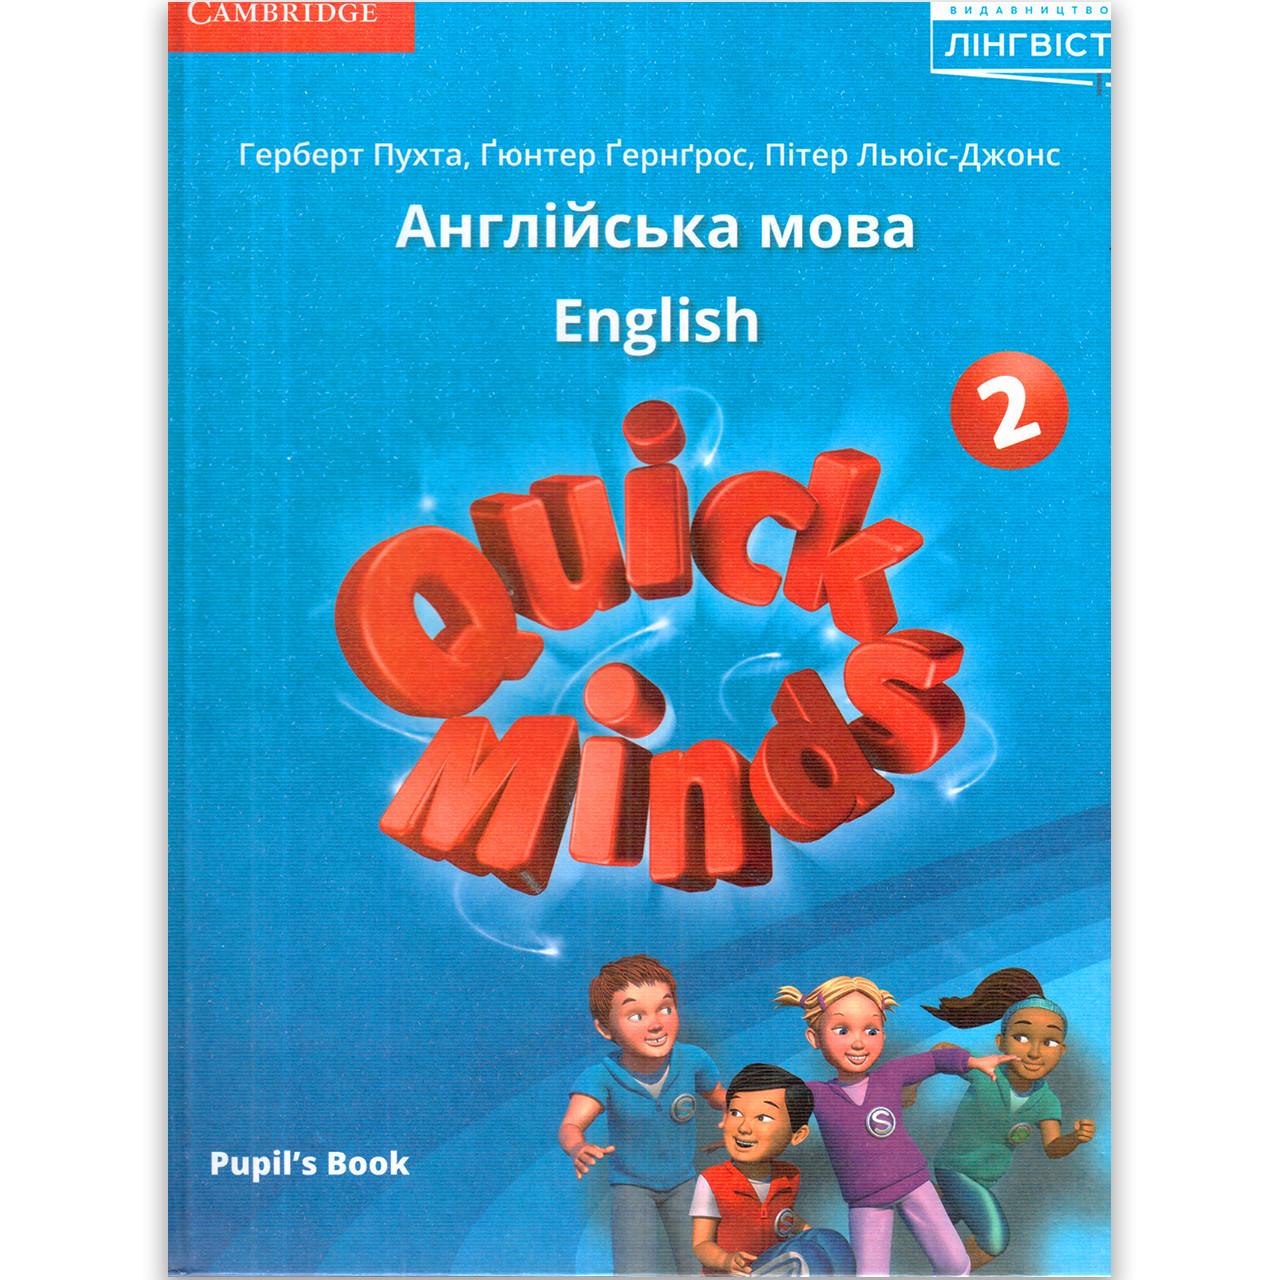 Підручник Англійська мова 2 клас Quick Minds Pupil's Book Авт: Пухта Р. Вигляд: Лінгвіст